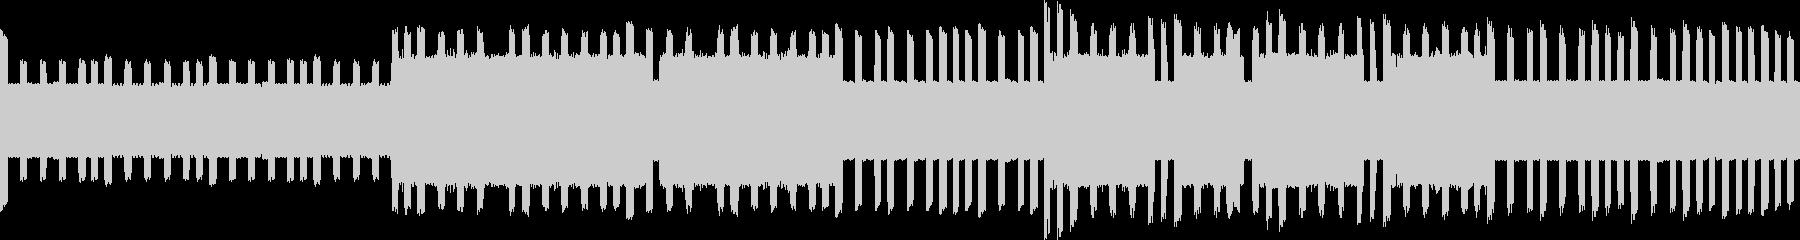 ファ○コン風のピコピコ音楽の未再生の波形